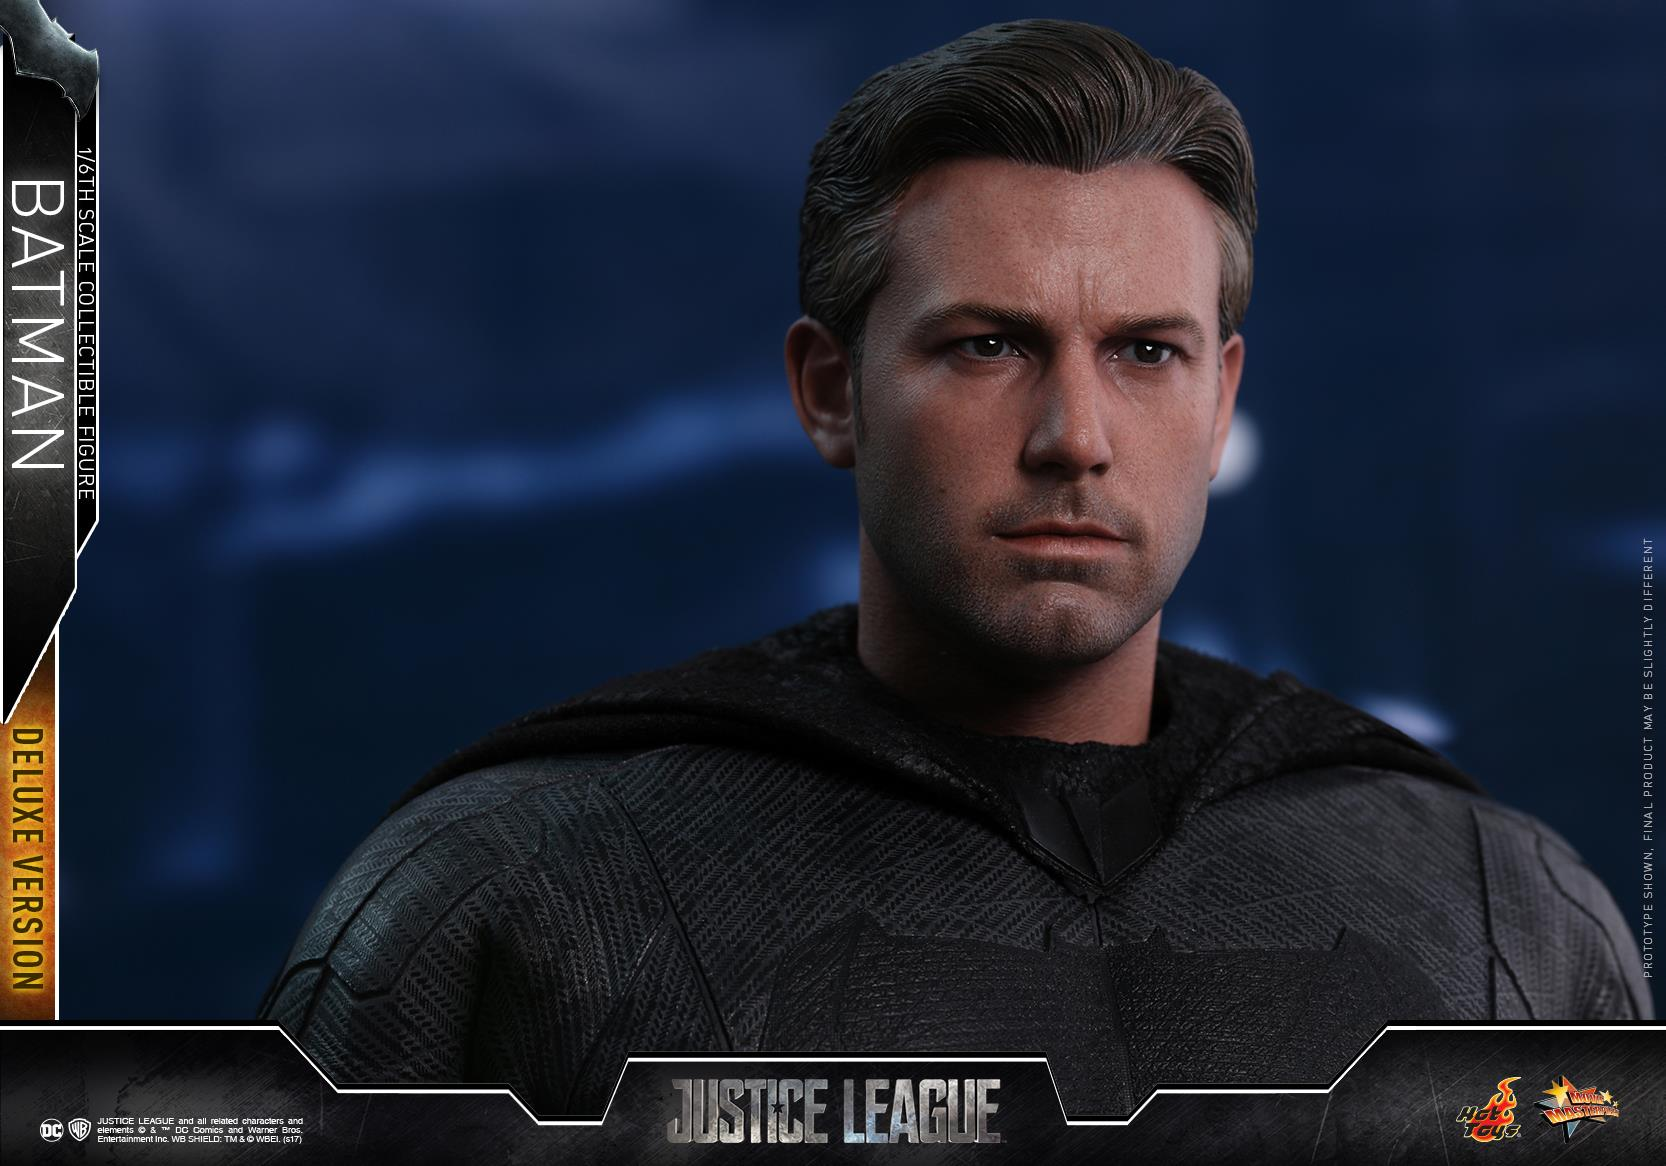 Hot-Toys-Deluxe-Batman-Justice-League-008